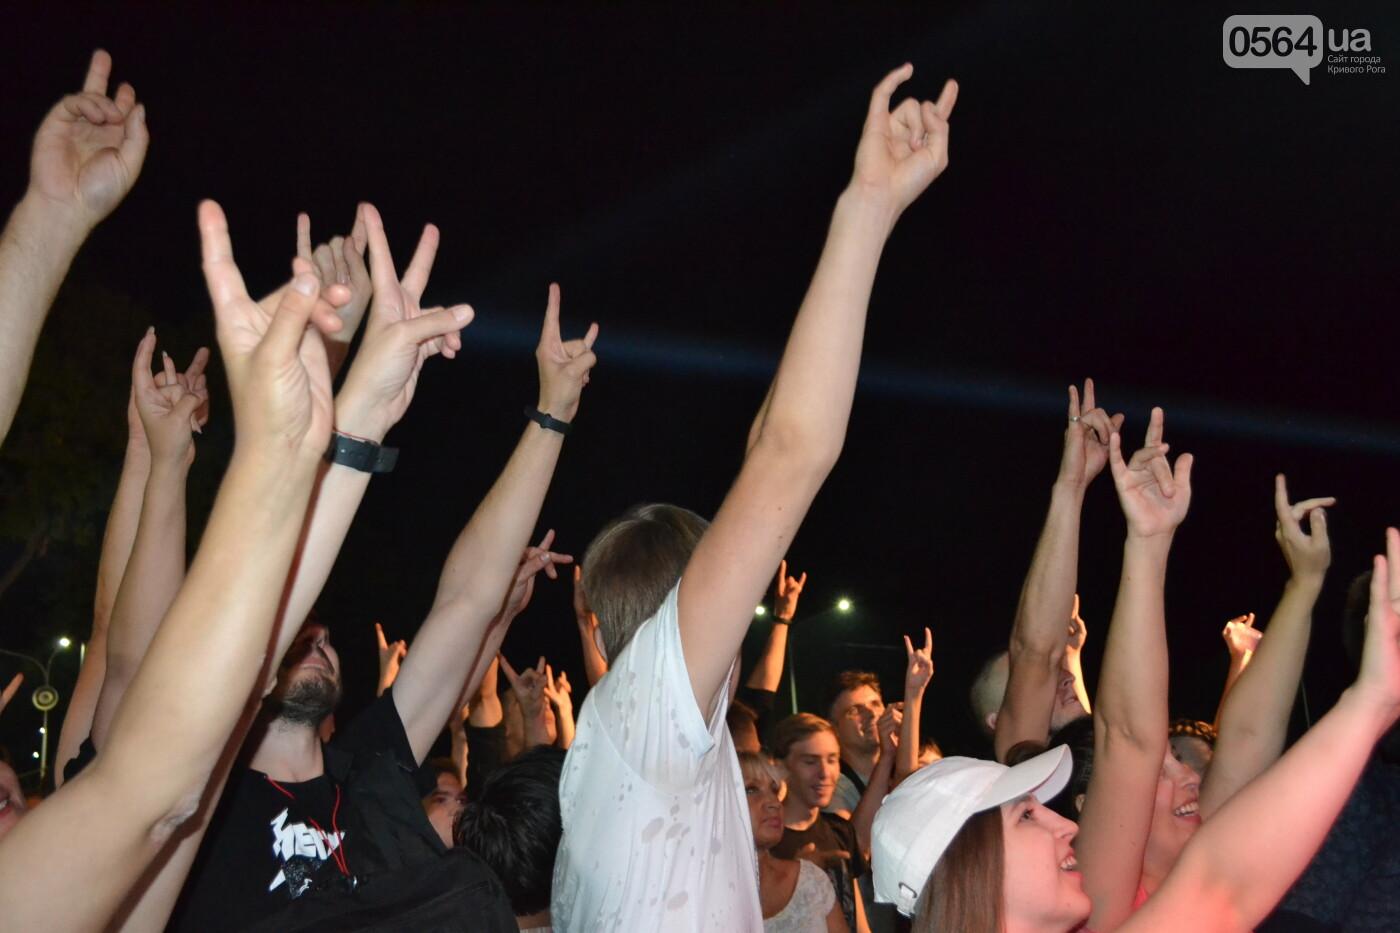 """Музыканты раскрыли душу, а зрители - открыли сердца: лица и эмоции на  криворожском рок-фесте """"ЗаліZна міць"""", - ФОТО, фото-51"""